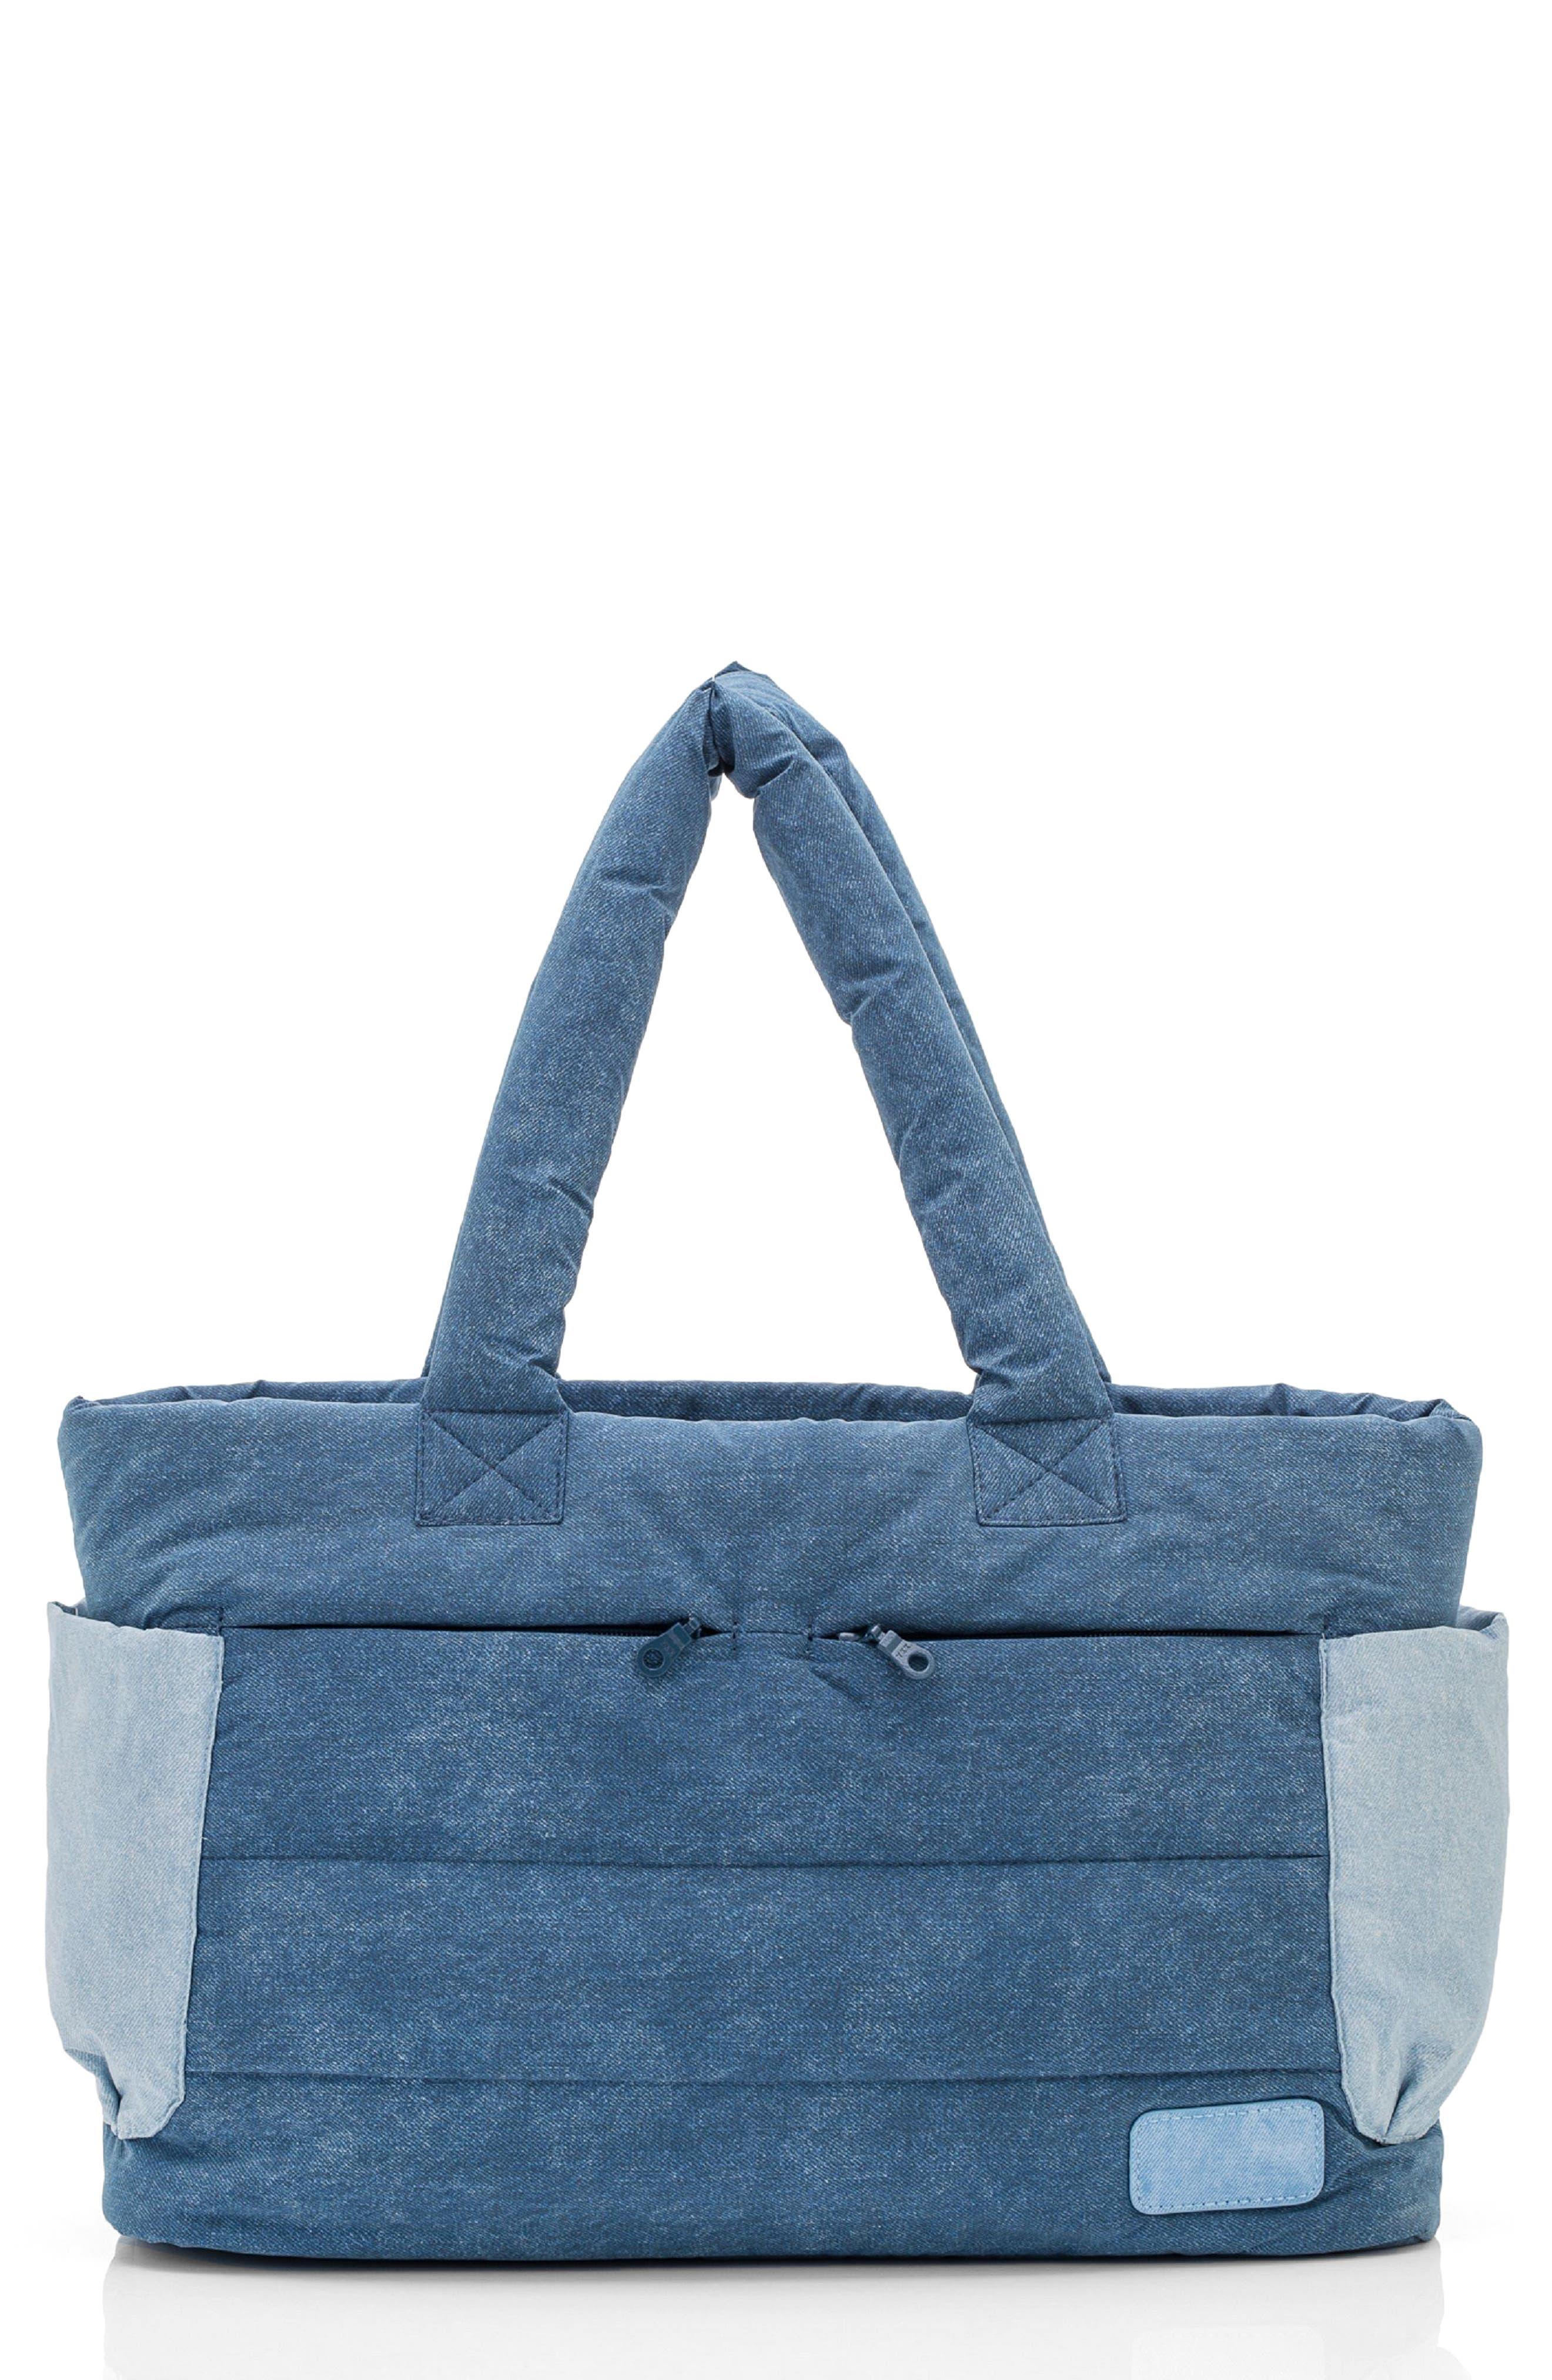 Alternate Image 1 Selected - HARU Print Classic Water Repellent Diaper Bag